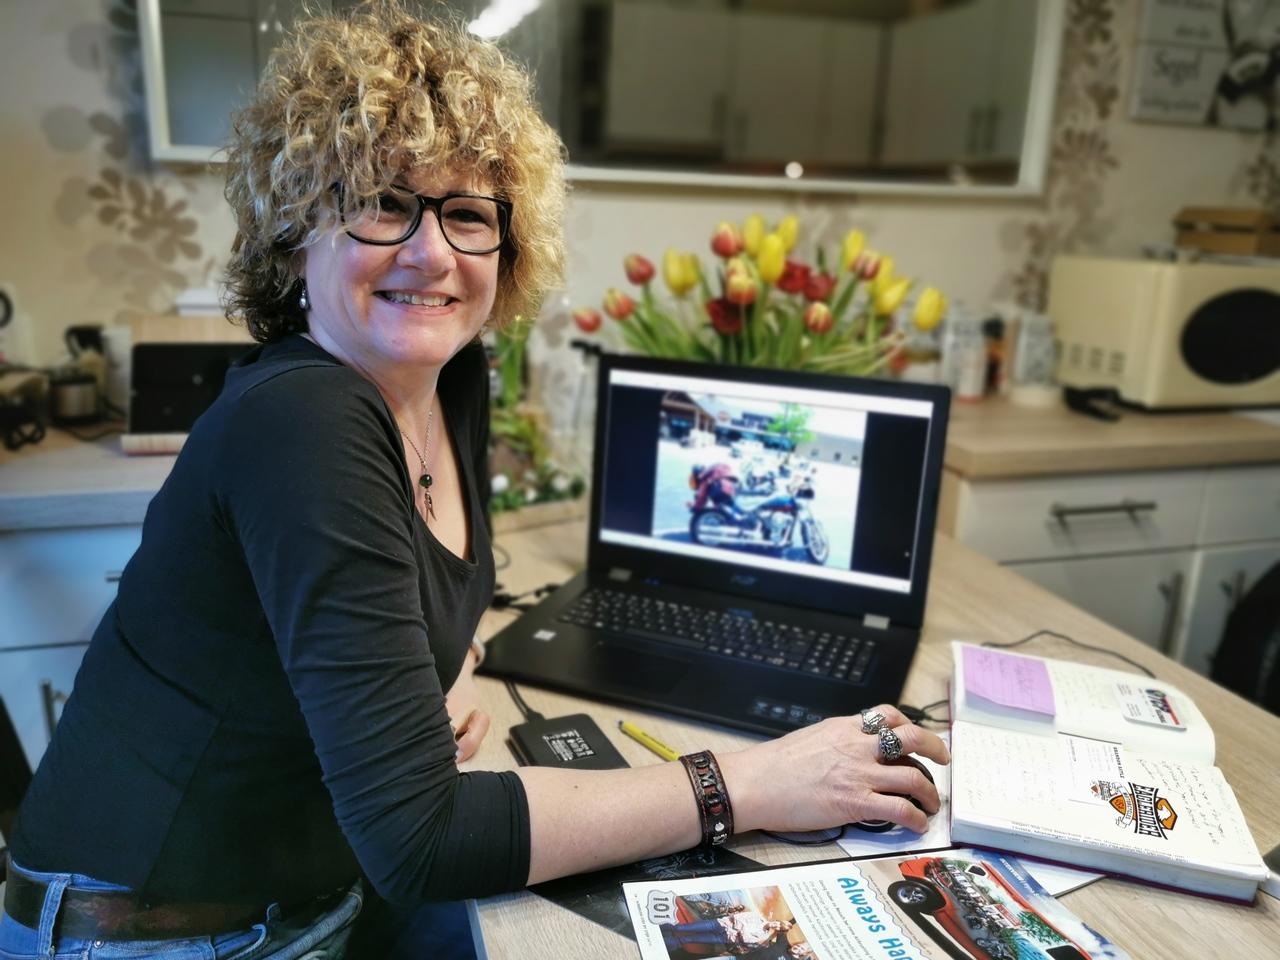 Wenn auch nicht mehr täglich: Gerne schaut sich Elke Röhrs die Fotos von ihrer zweimonatigen Reise an.  Foto: Antje Holsten-Körner